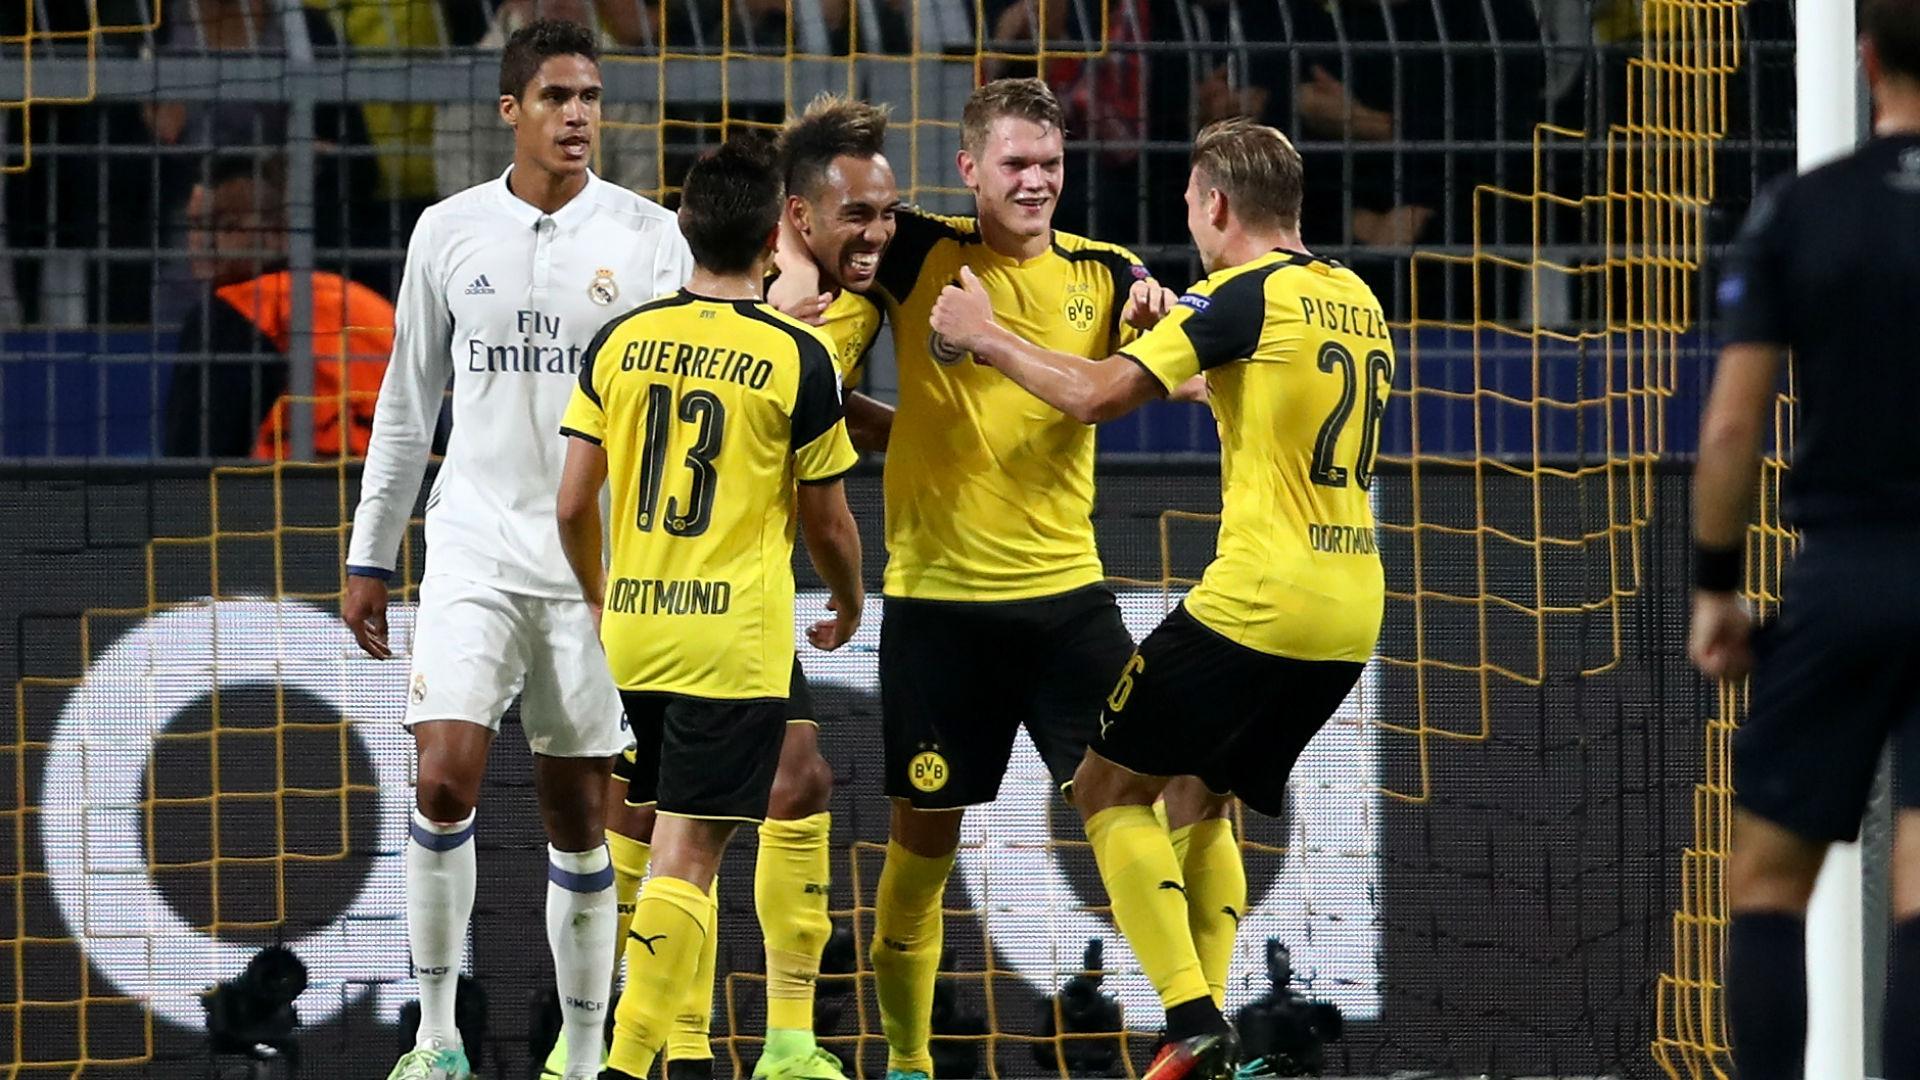 El Madrid no puede con el Dortmund. Sevilla, Barça y Atlético logran la victoria